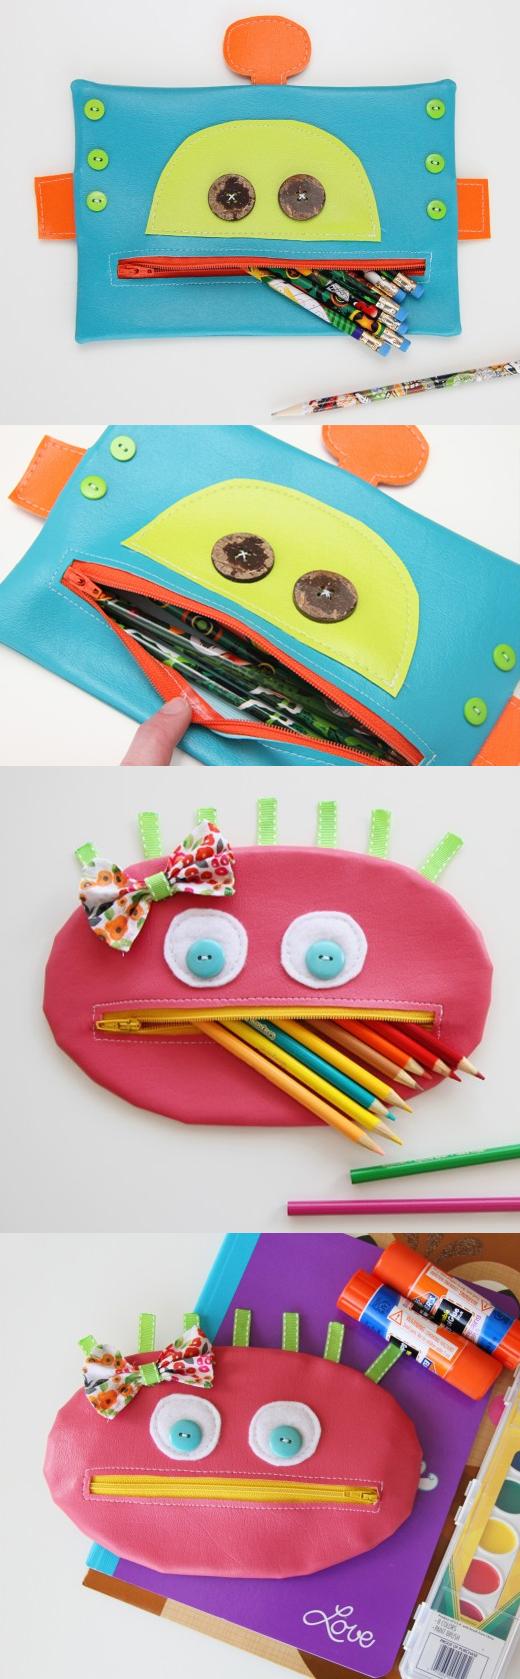 pencil case craft ideas